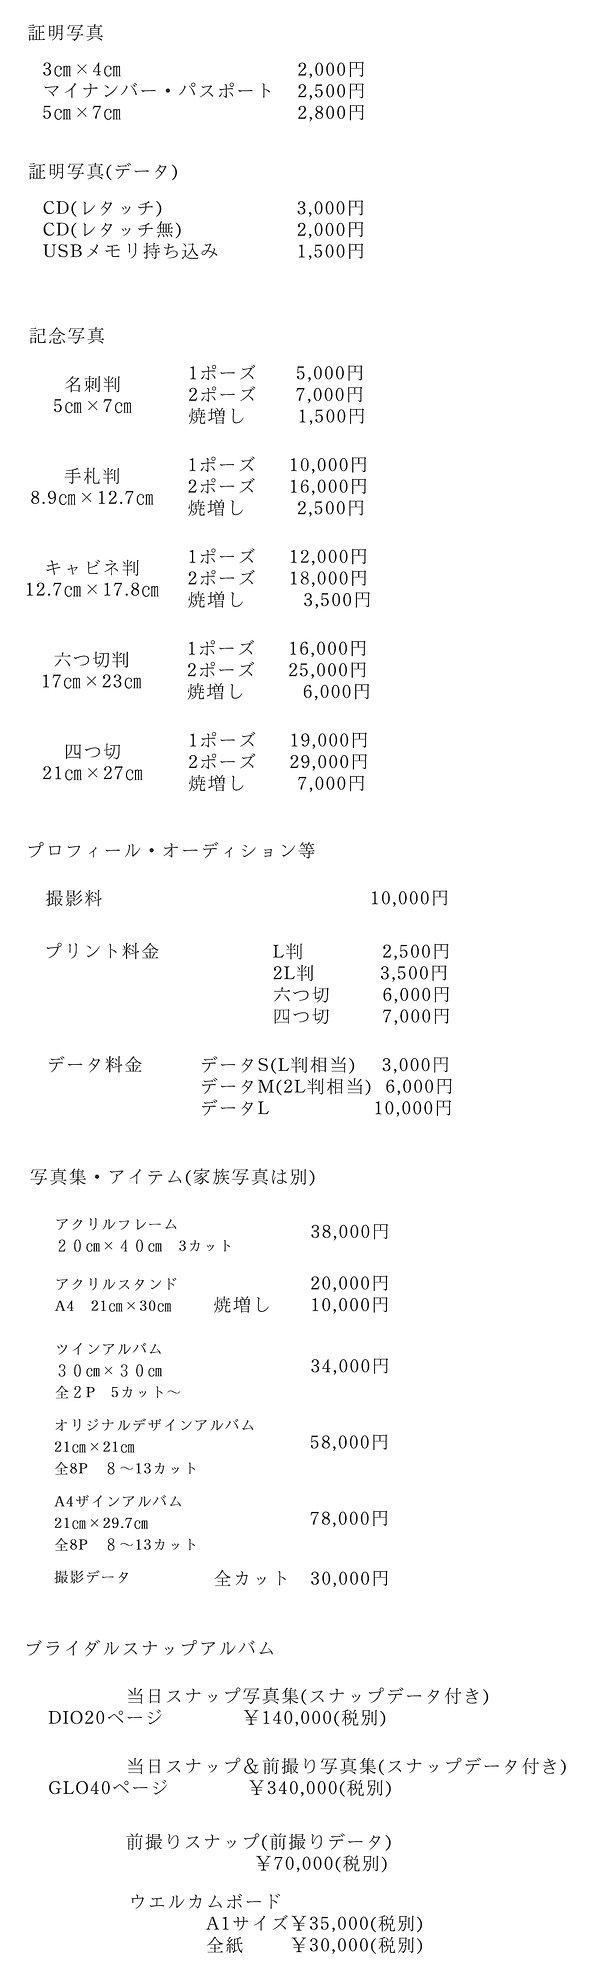 20191008値段HP用.jpg